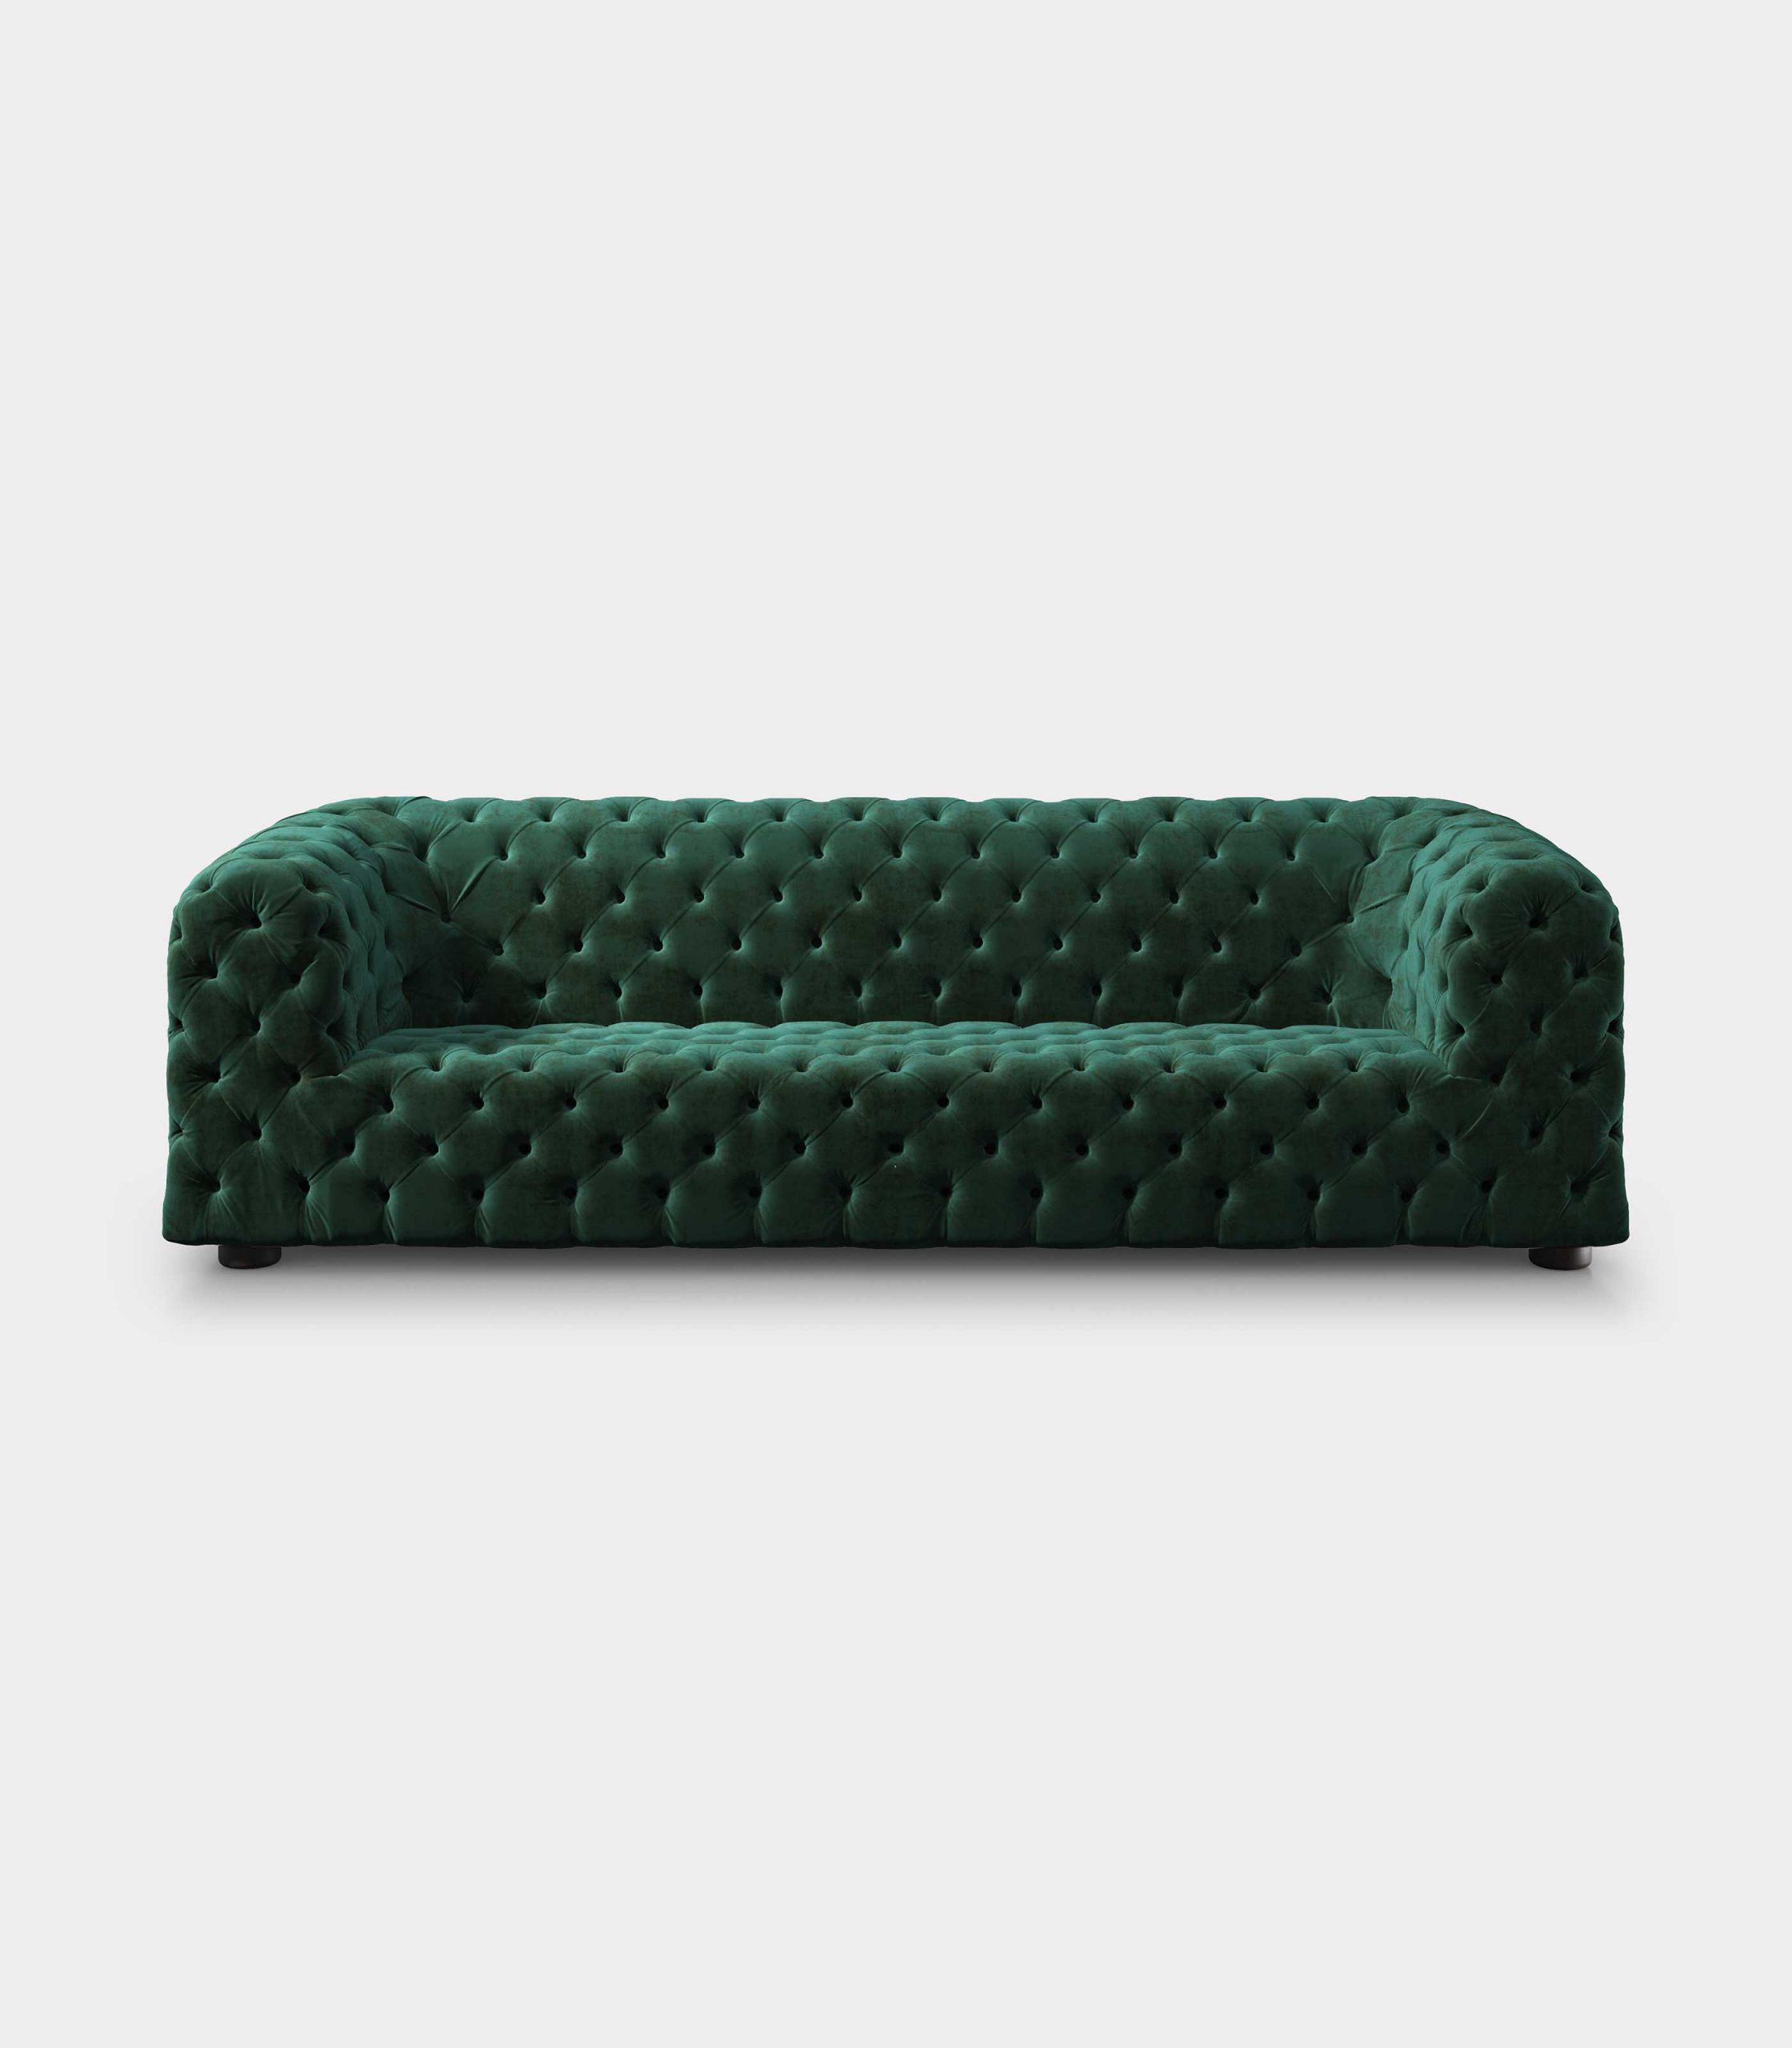 Capitonné green velvet sofa loopo milan design F